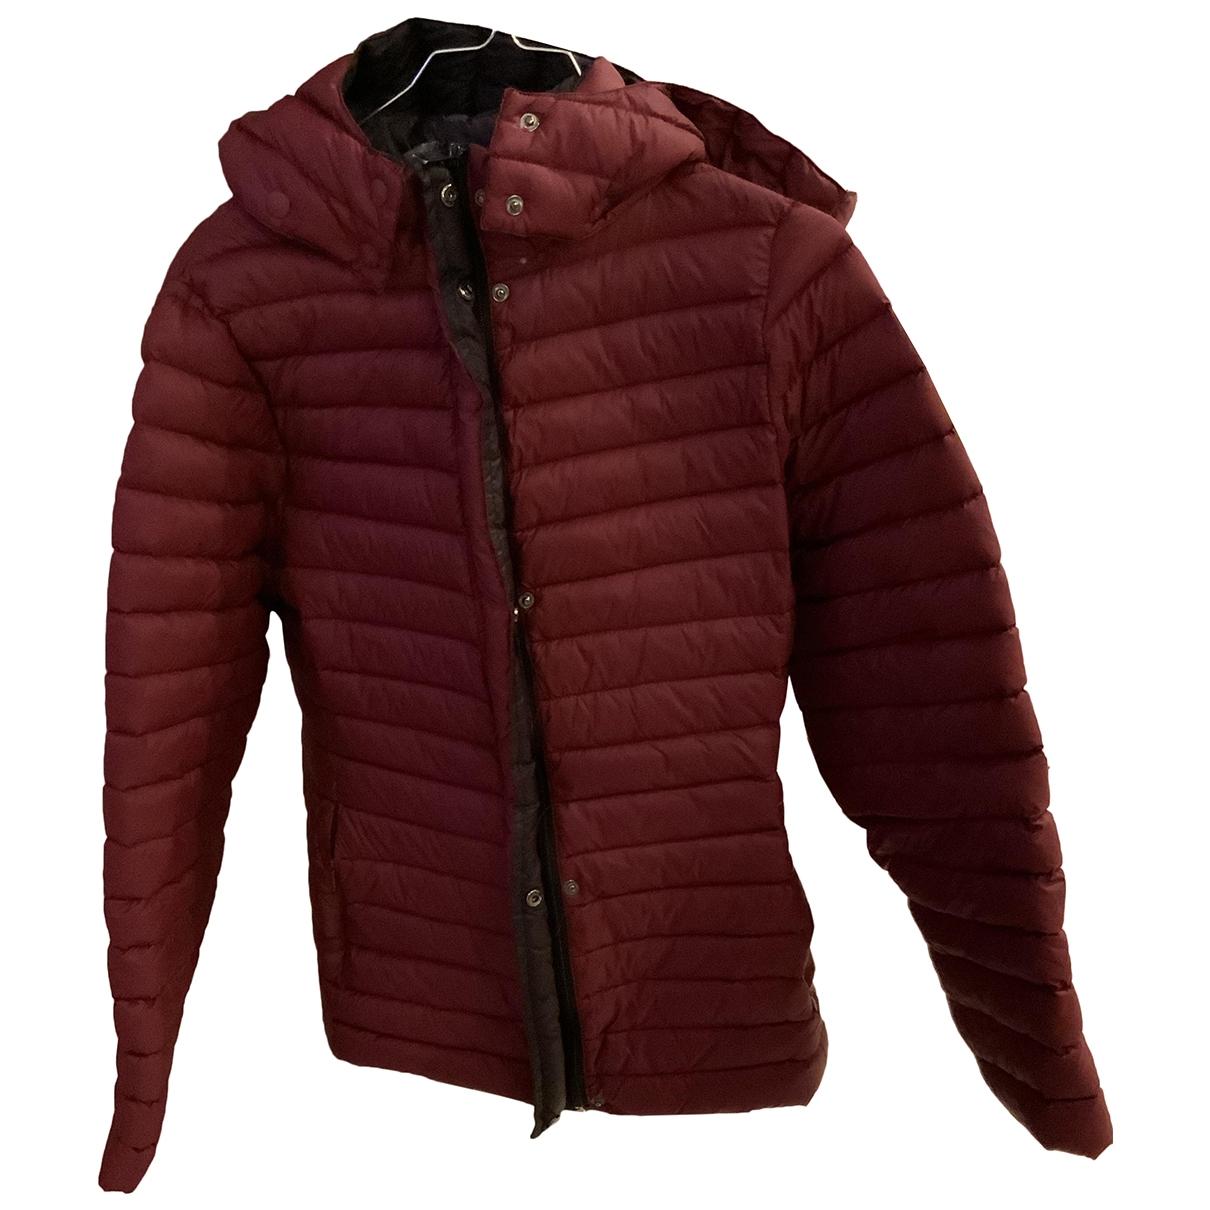 Gertrude \N Burgundy coat for Women 38 FR